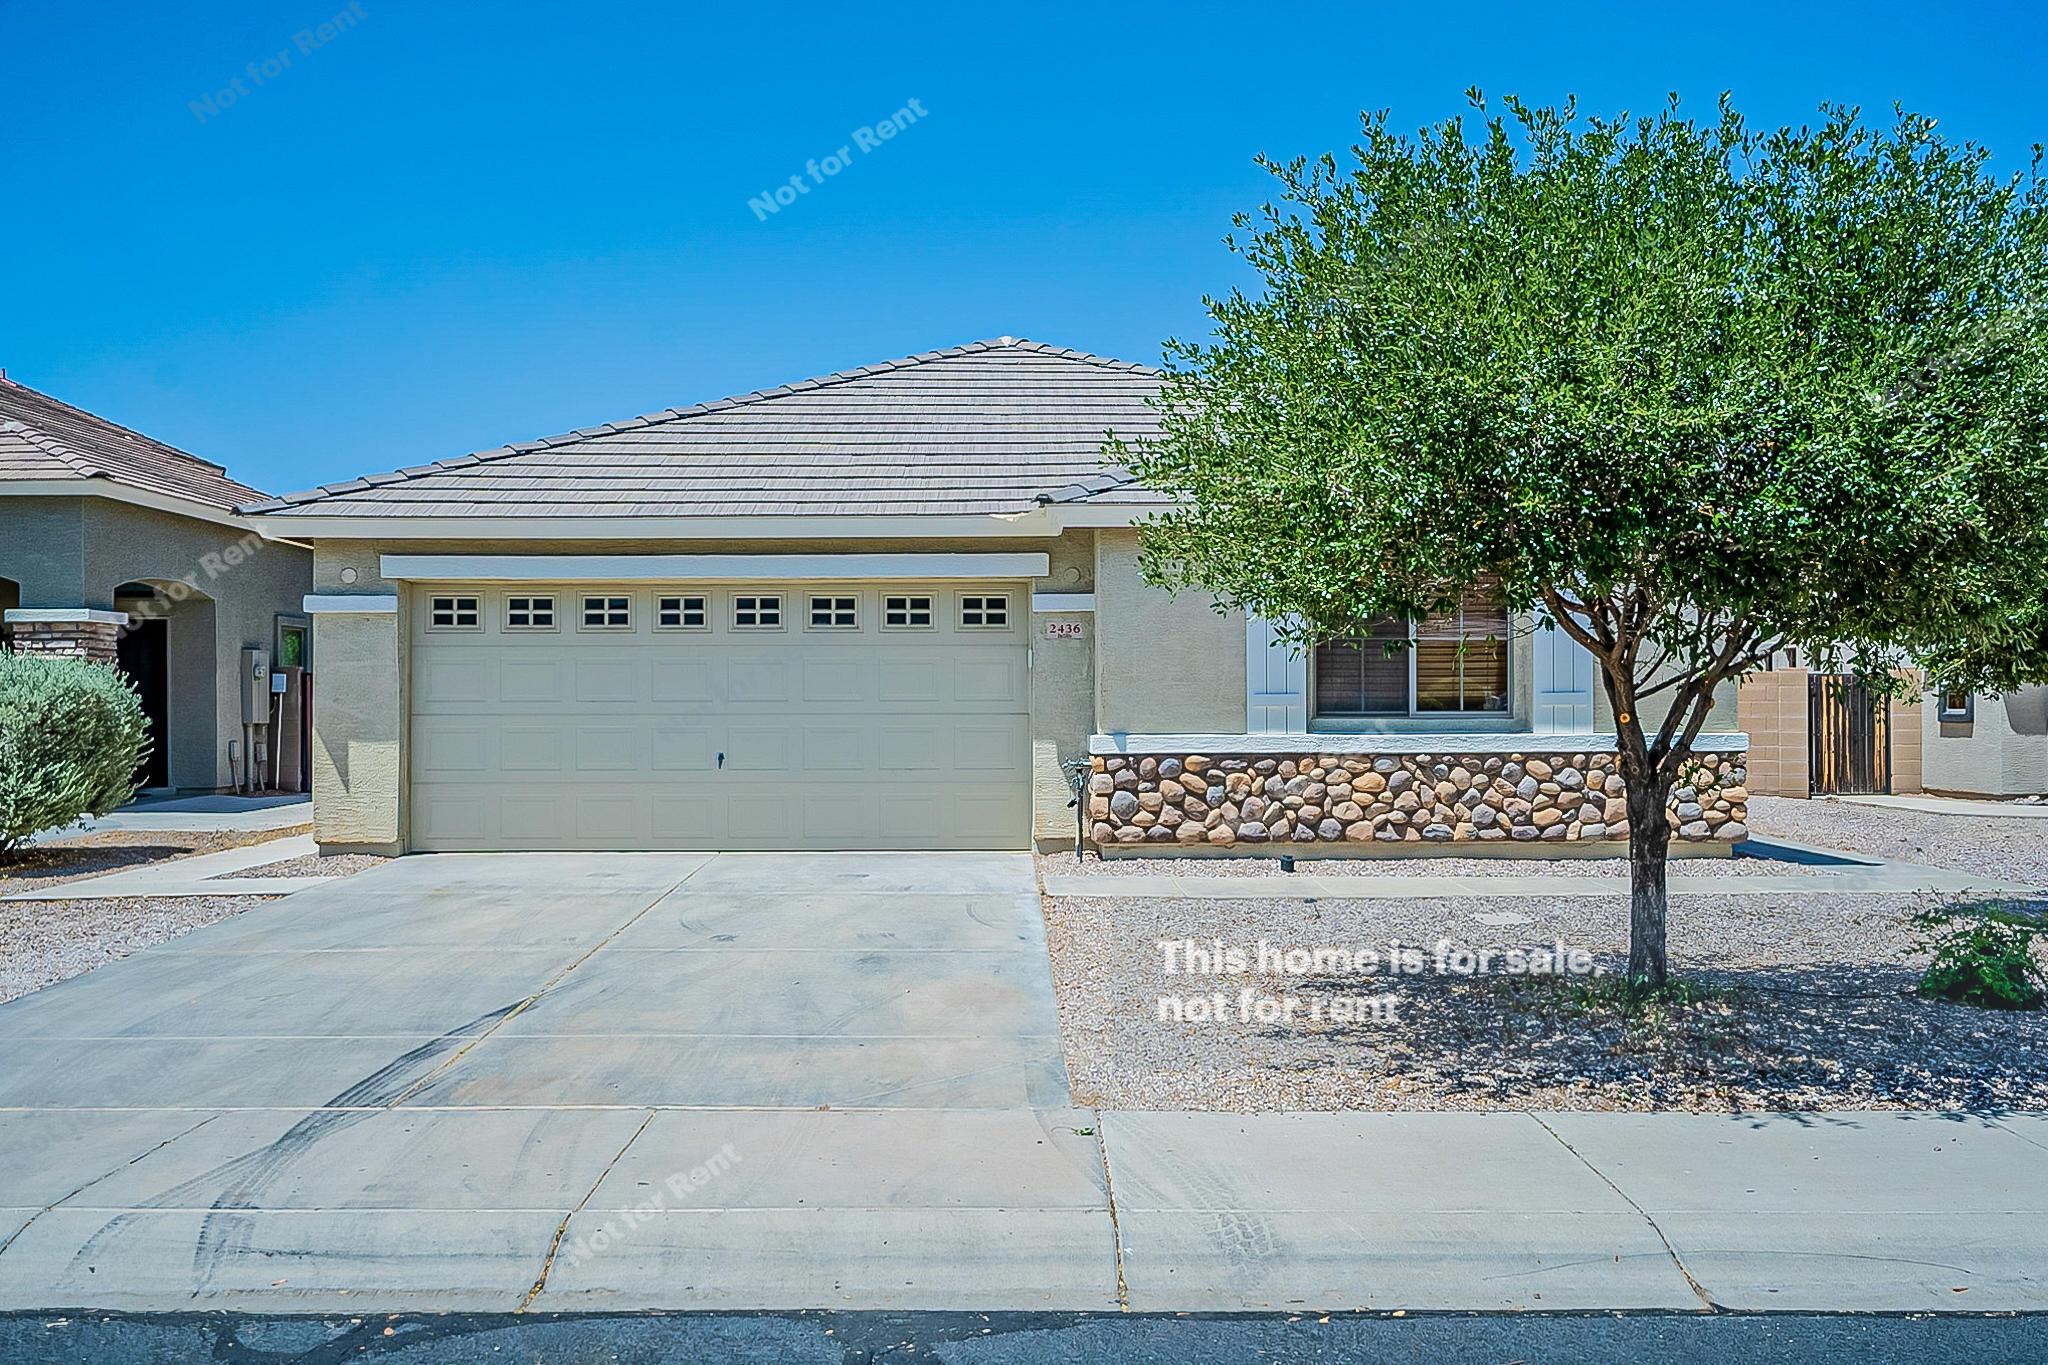 2436 BARTLETT Way, Queen Creek, Arizona 85142, 3 Bedrooms Bedrooms, ,2 BathroomsBathrooms,Residential,For Sale,BARTLETT,6236436